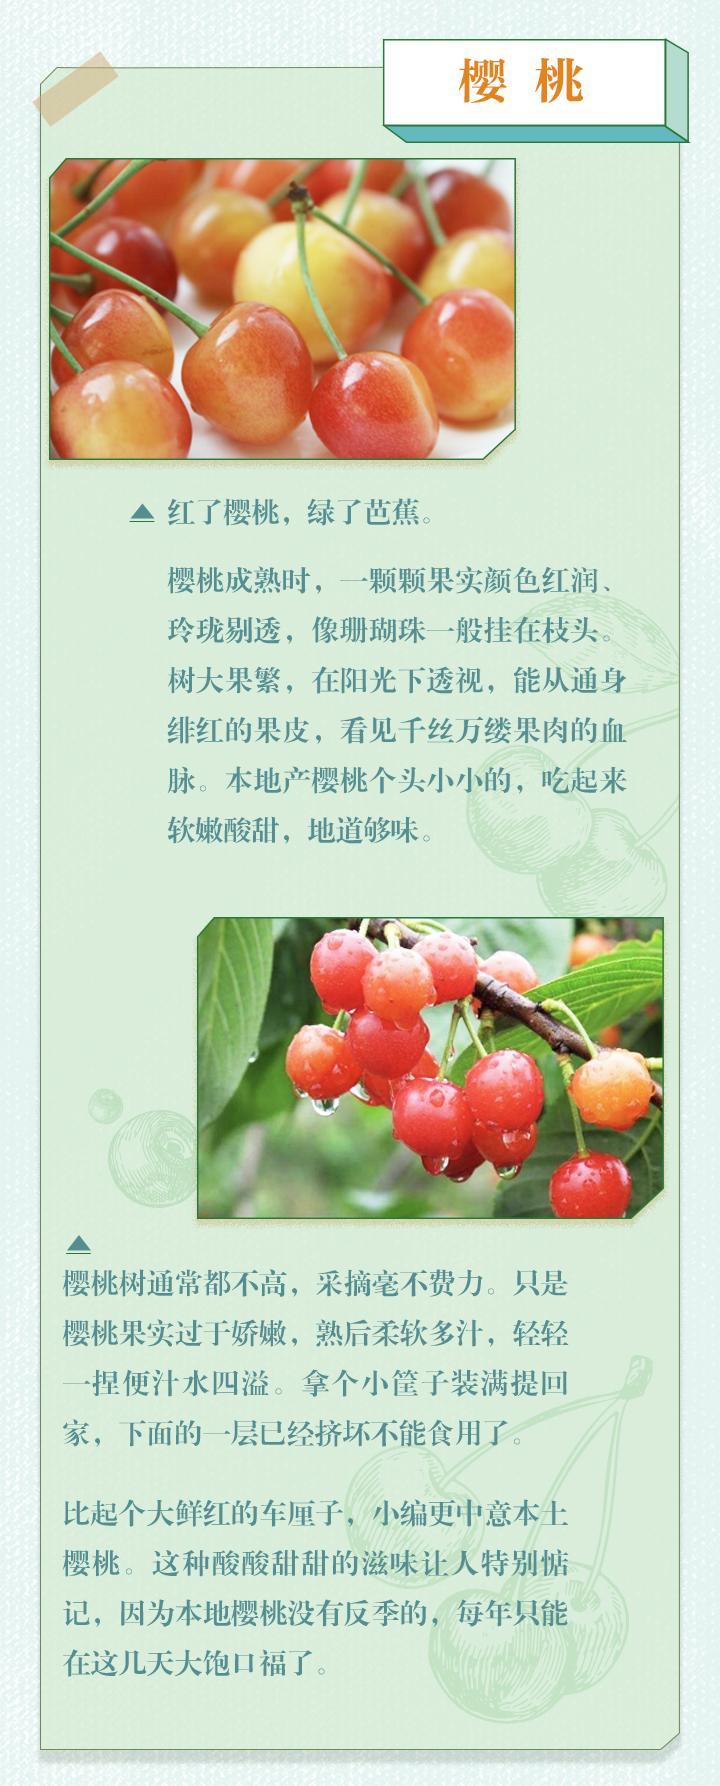 吴宜盈图片_好味知时节丨雨生百谷暮春至 桑葚樱桃正当时